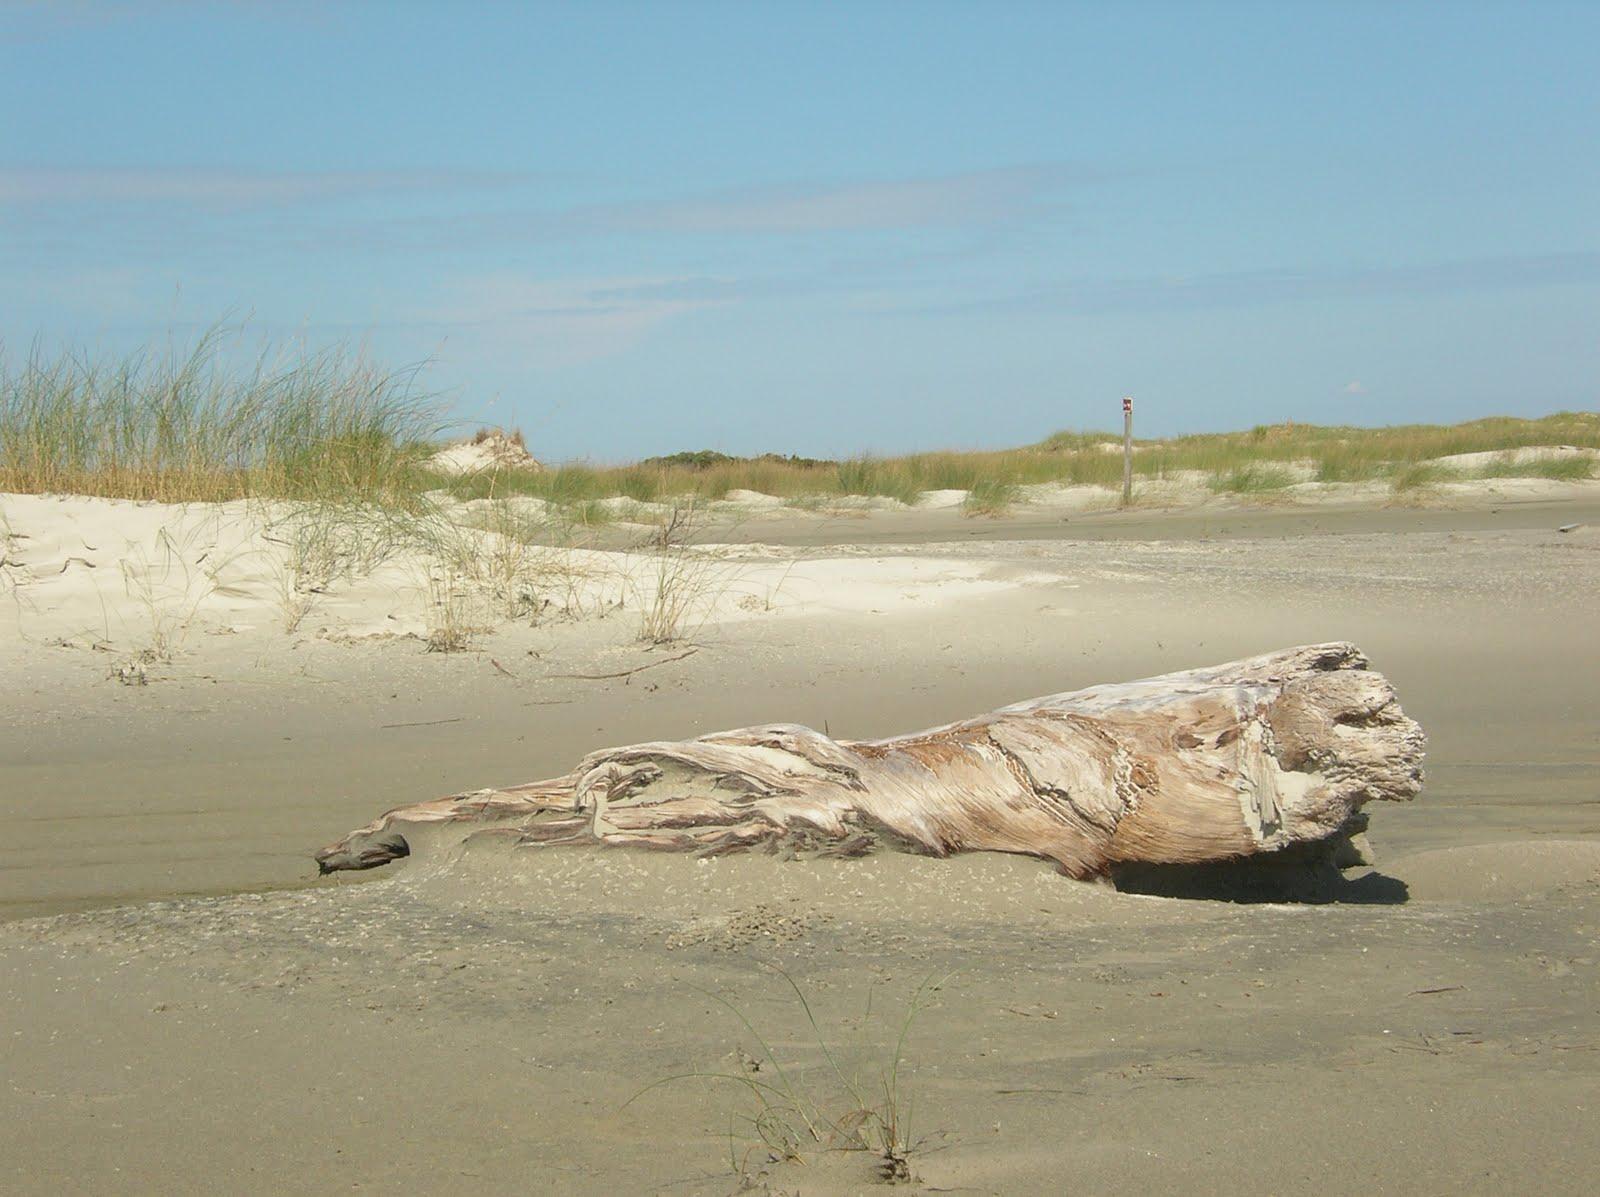 sandy beach, grass, driftwood